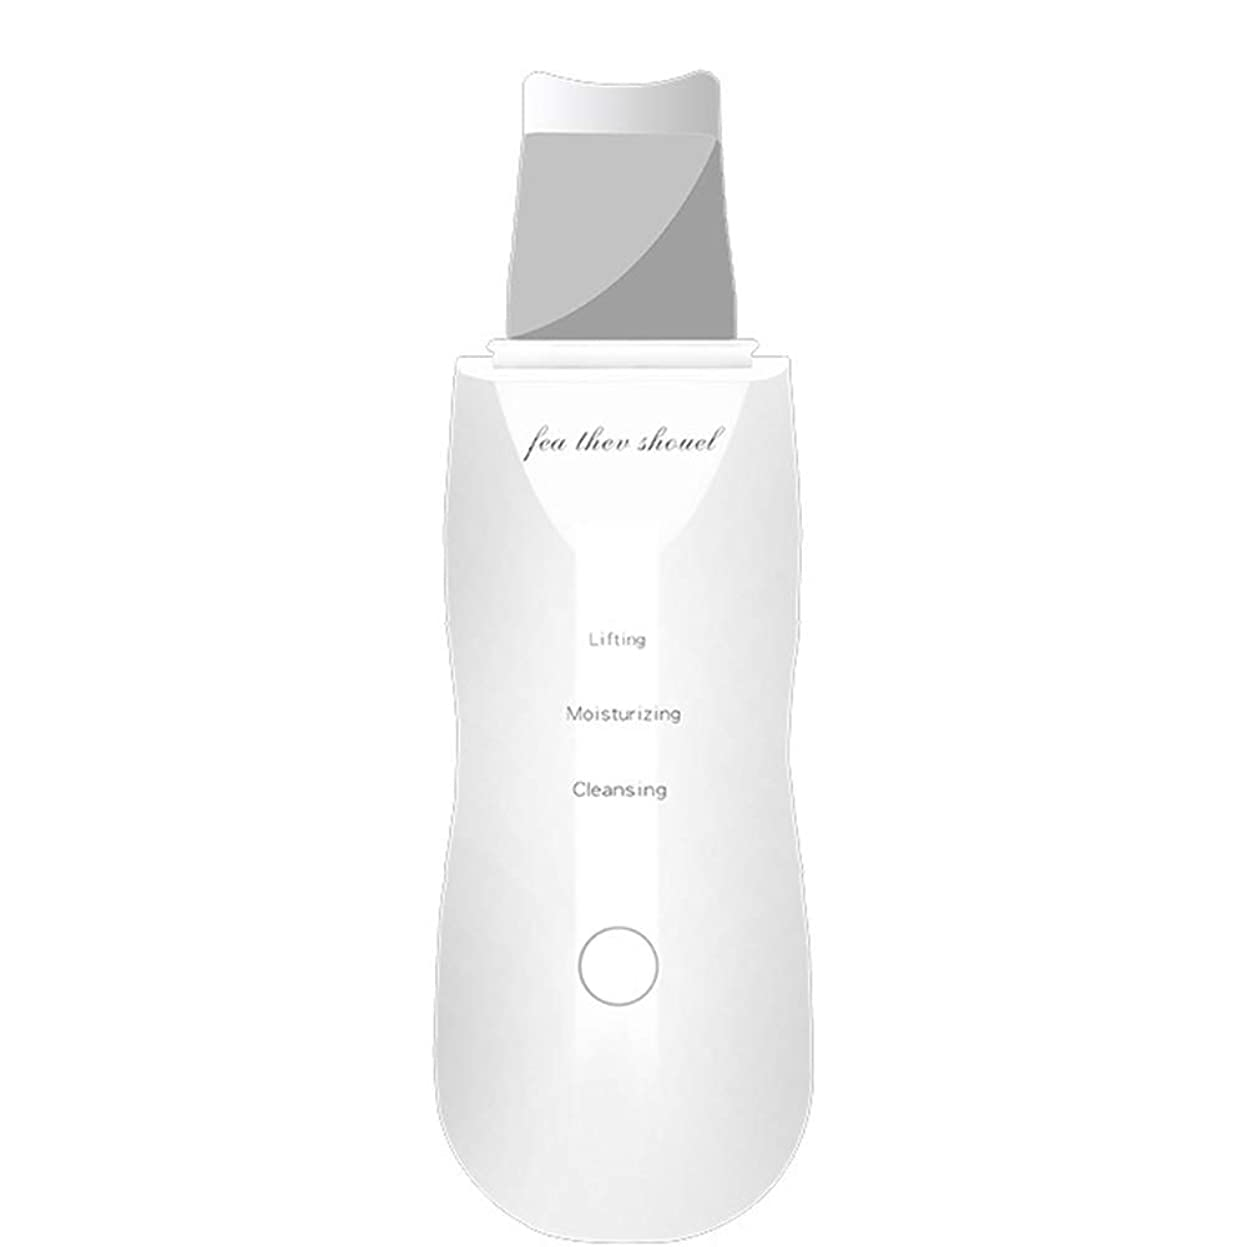 支払い無力最後に顔の皮のスクラバー、気孔の洗剤の電気にきび顔の皮のスクラバーUSBの再充電可能な皮のマッサージのスクラバー